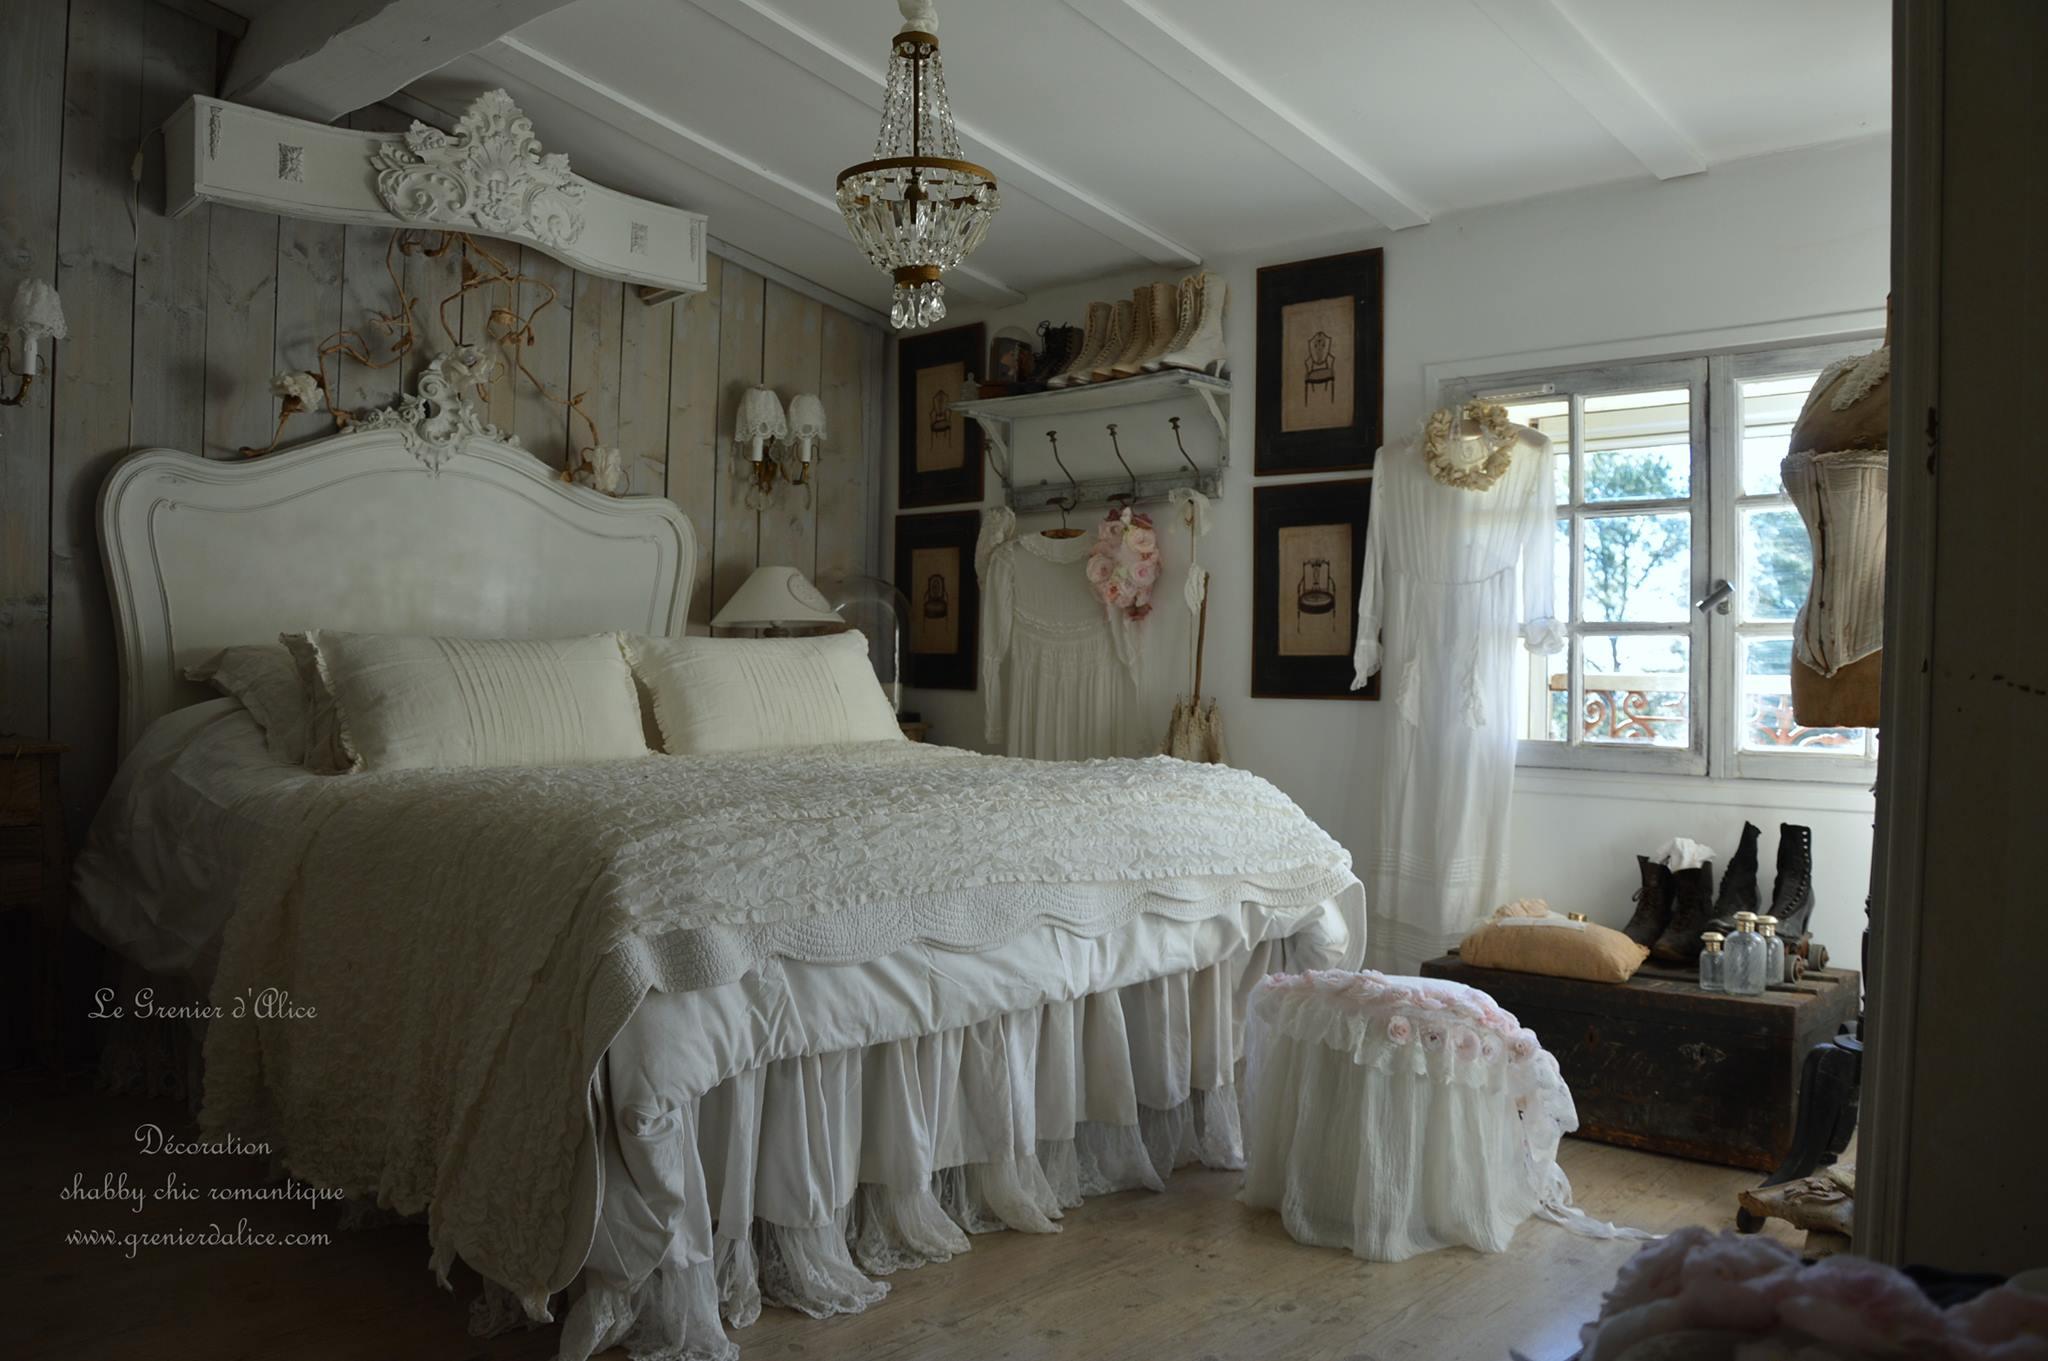 Chambre romantique chambre shabby chic chambre le grenier d'alice bottine ancienne coffre applique lustre à pampilles patiné ciel de lit patiné galbé dentelle froufrou